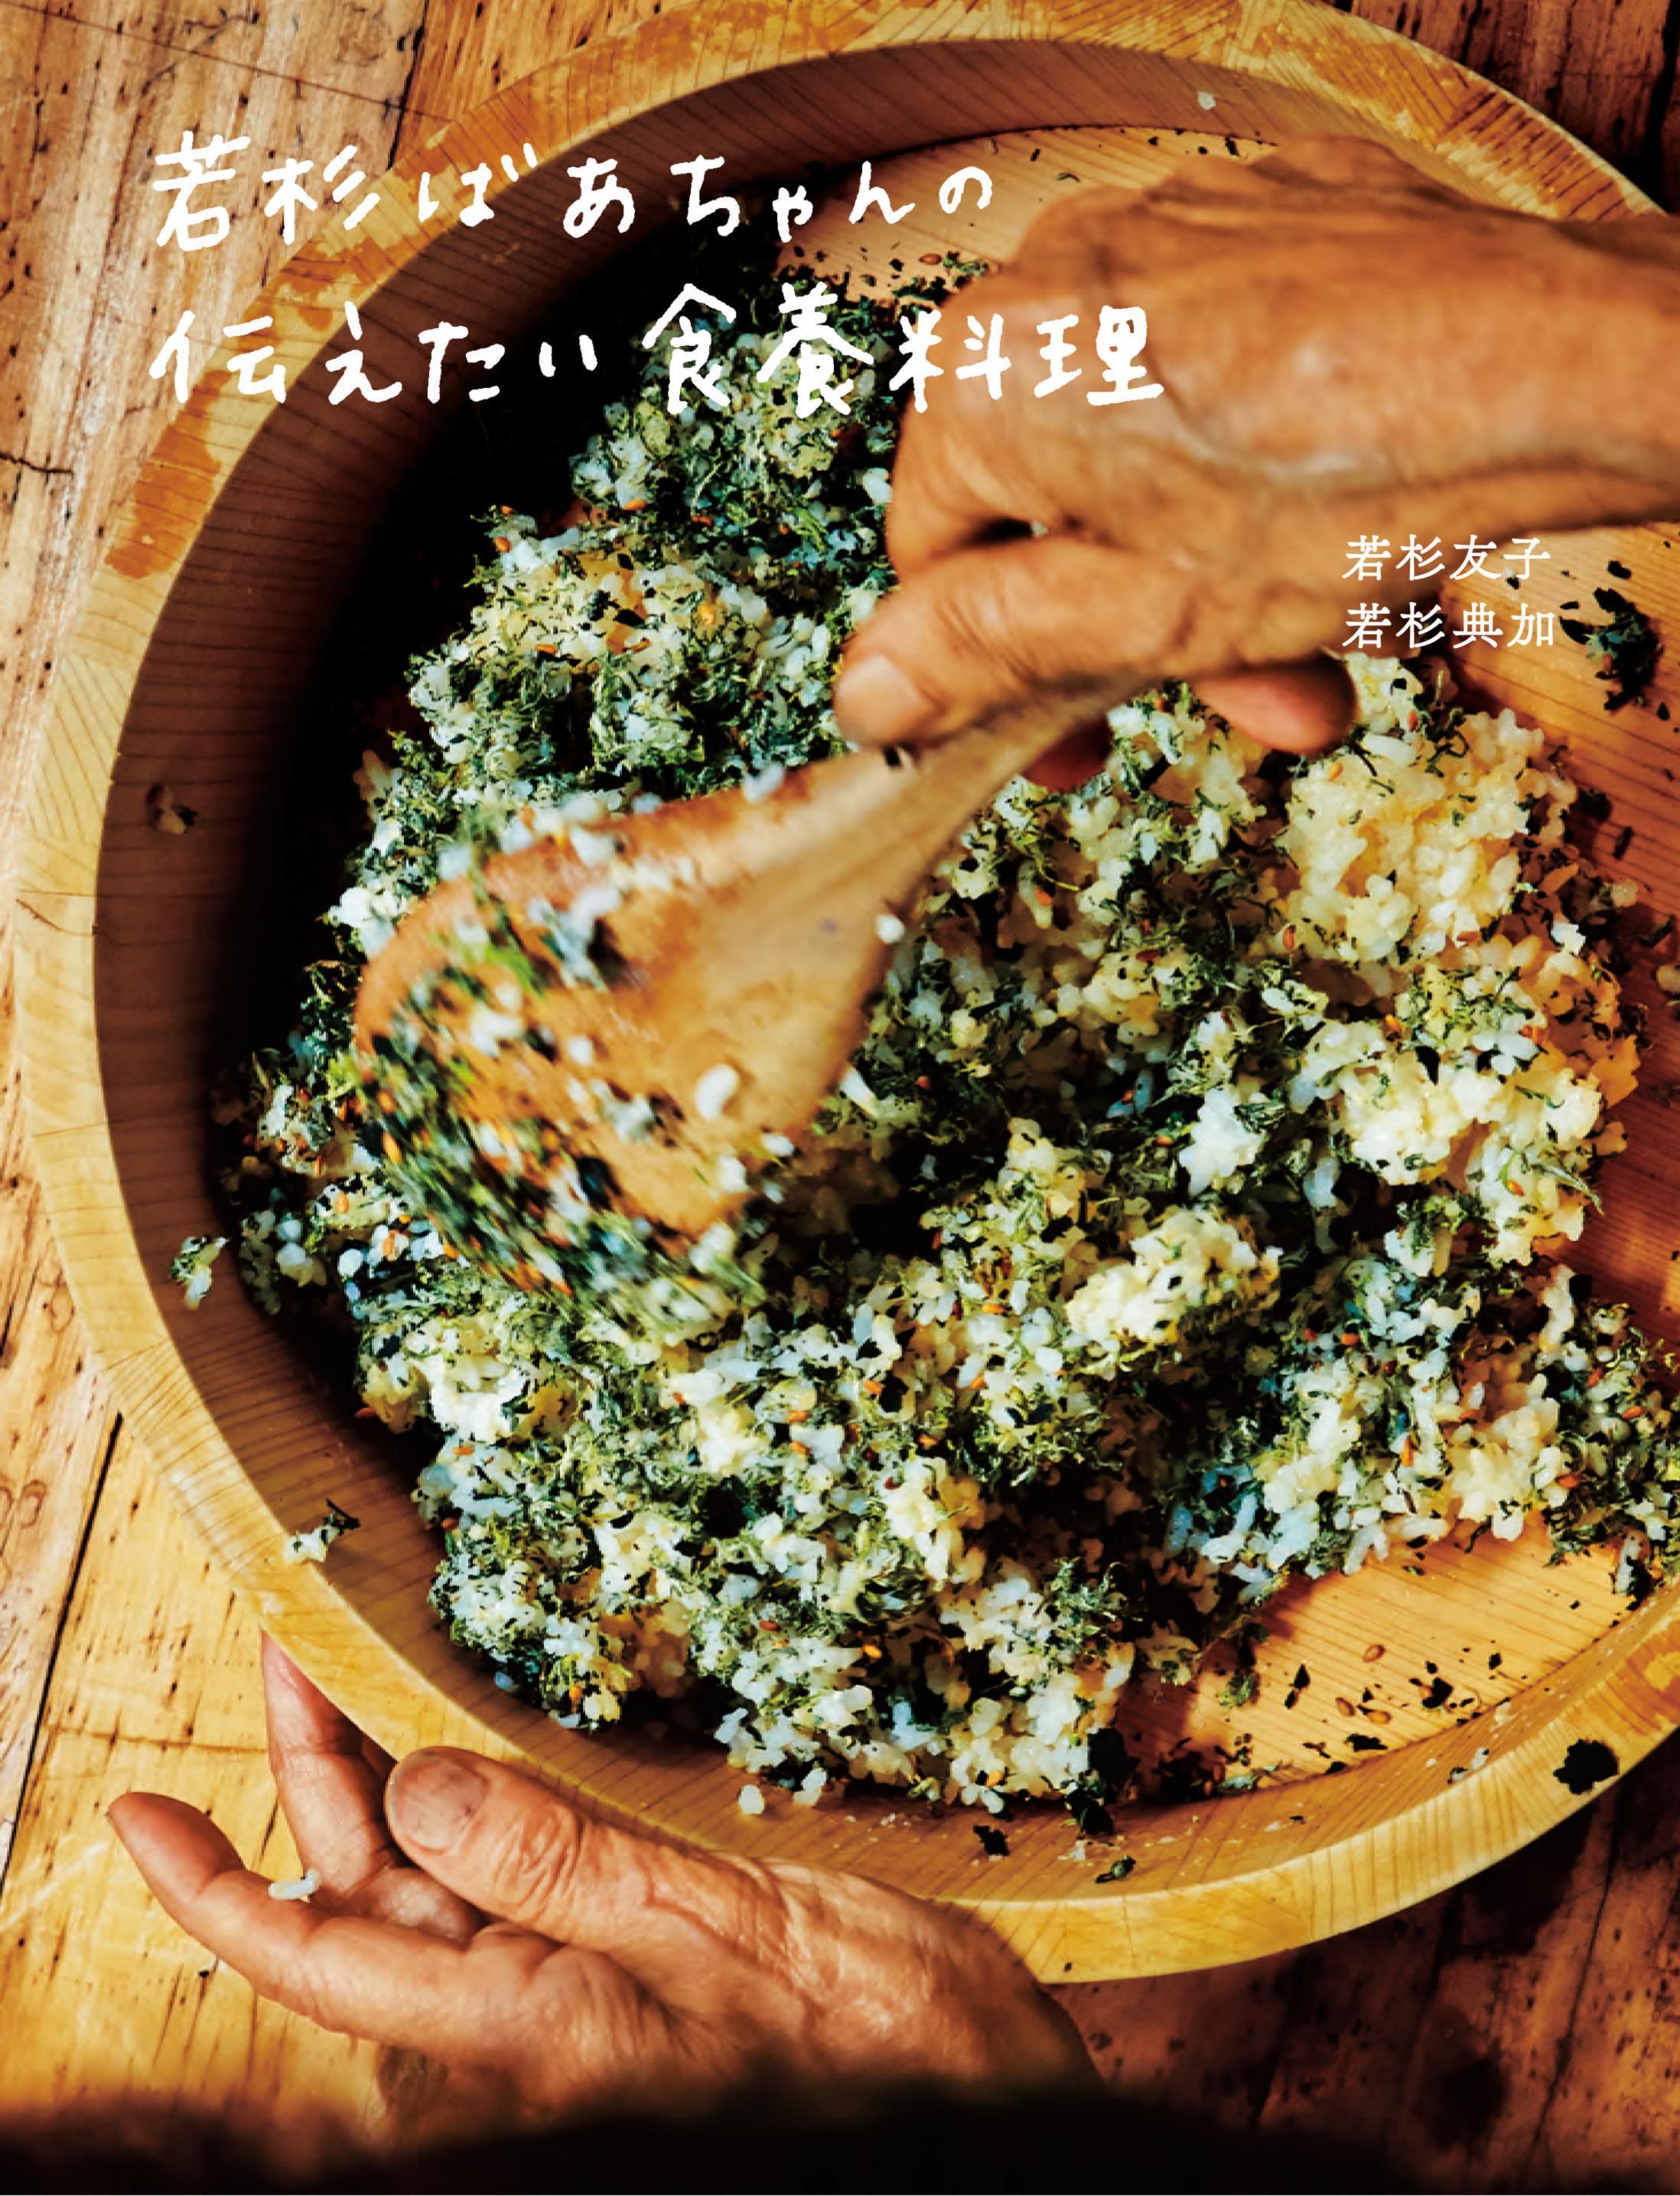 ばあちゃんとエッチ写真 『若杉ばあちゃんの伝えたい食養料理』カバー